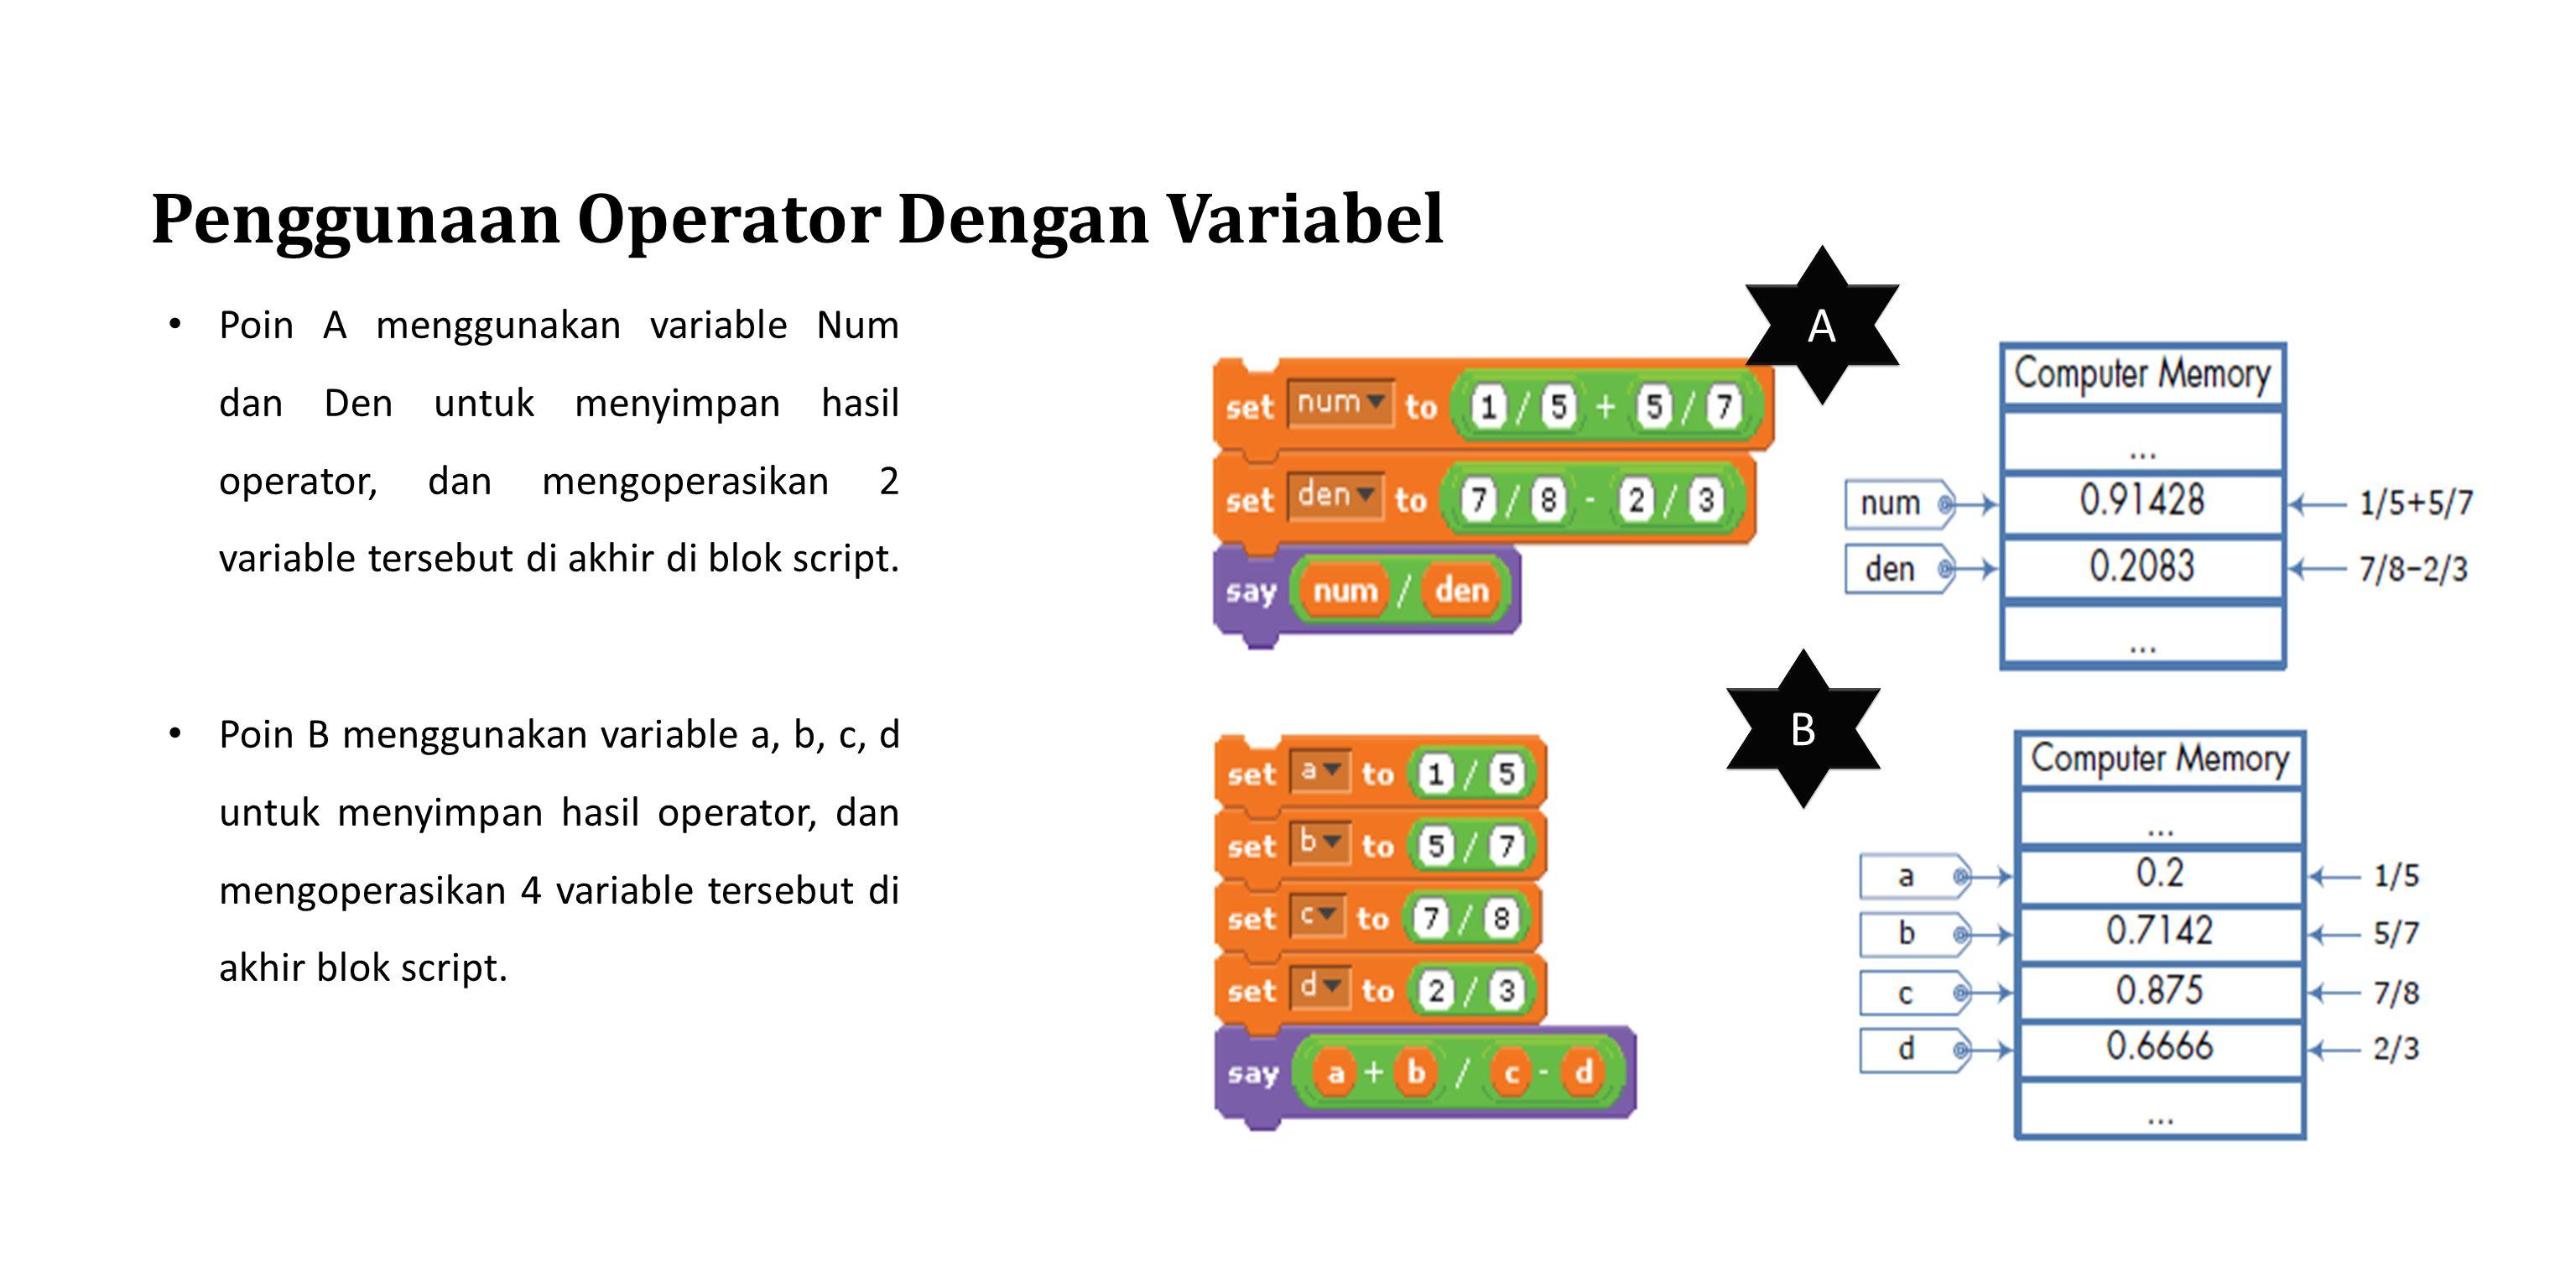 Penggunaan Operator Dengan Variabel Poin A menggunakan variable Num dan Den untuk menyimpan hasil operator, dan mengoperasikan 2 variable tersebut di